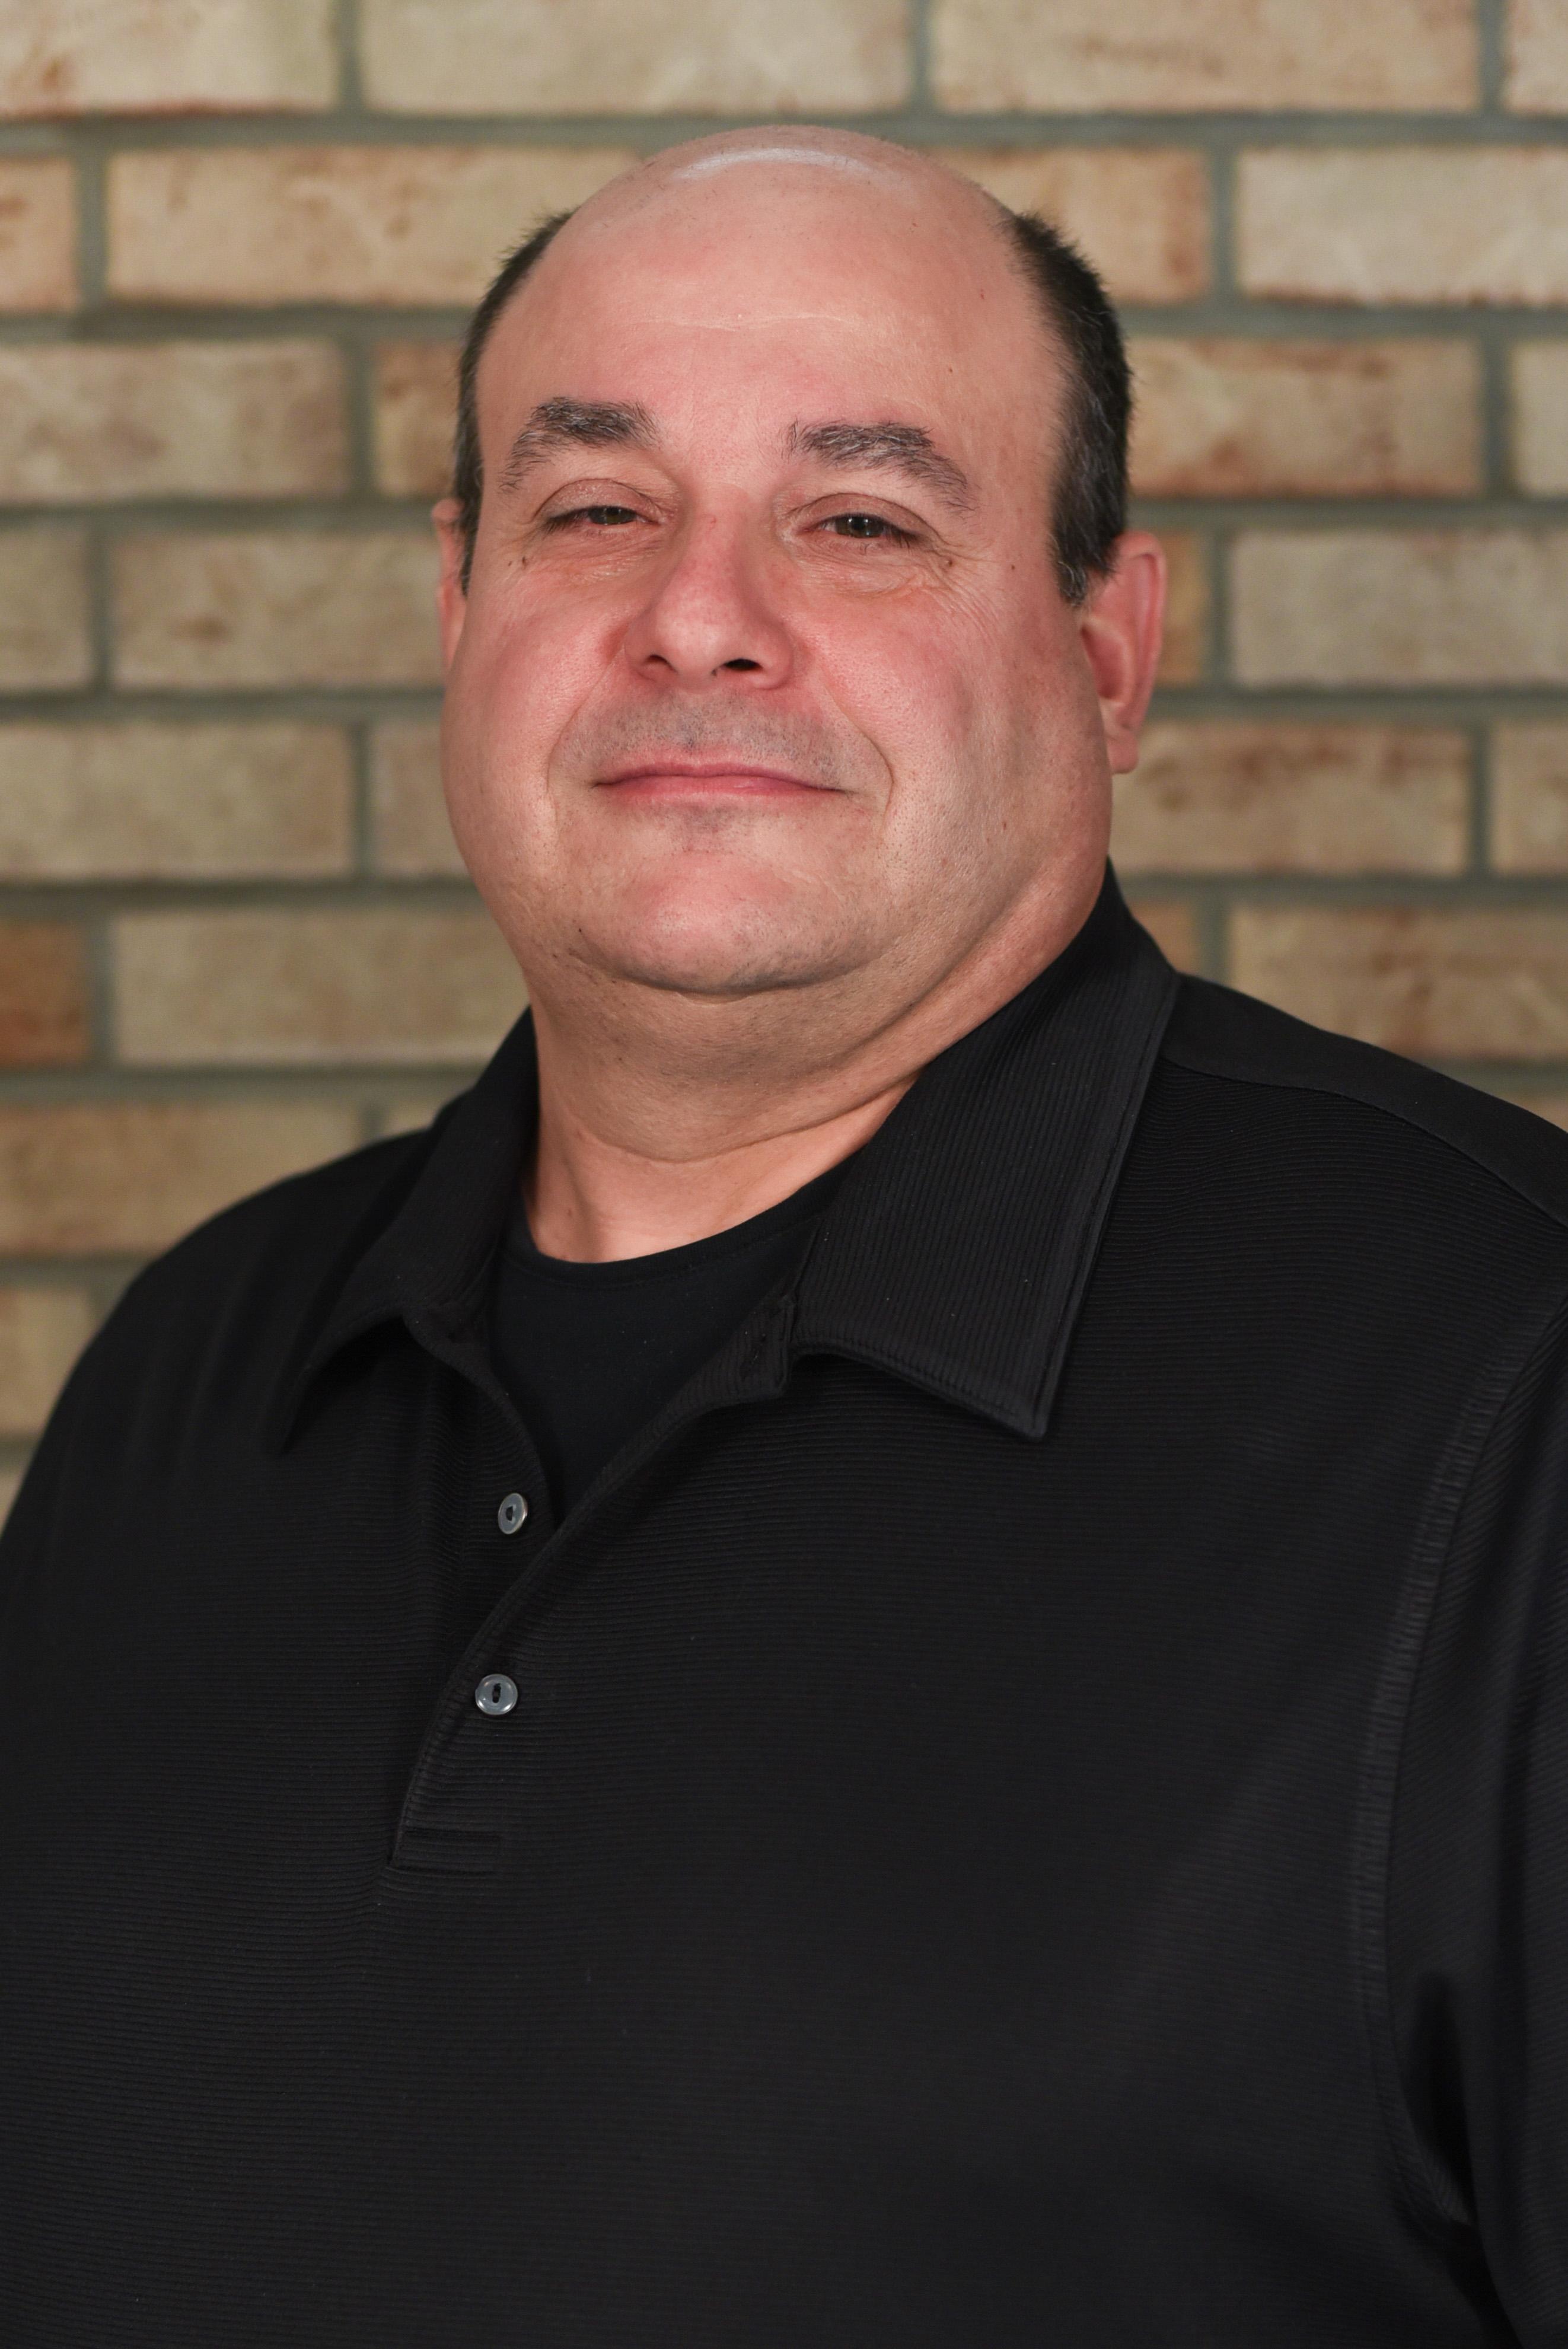 Brad Snodgrass